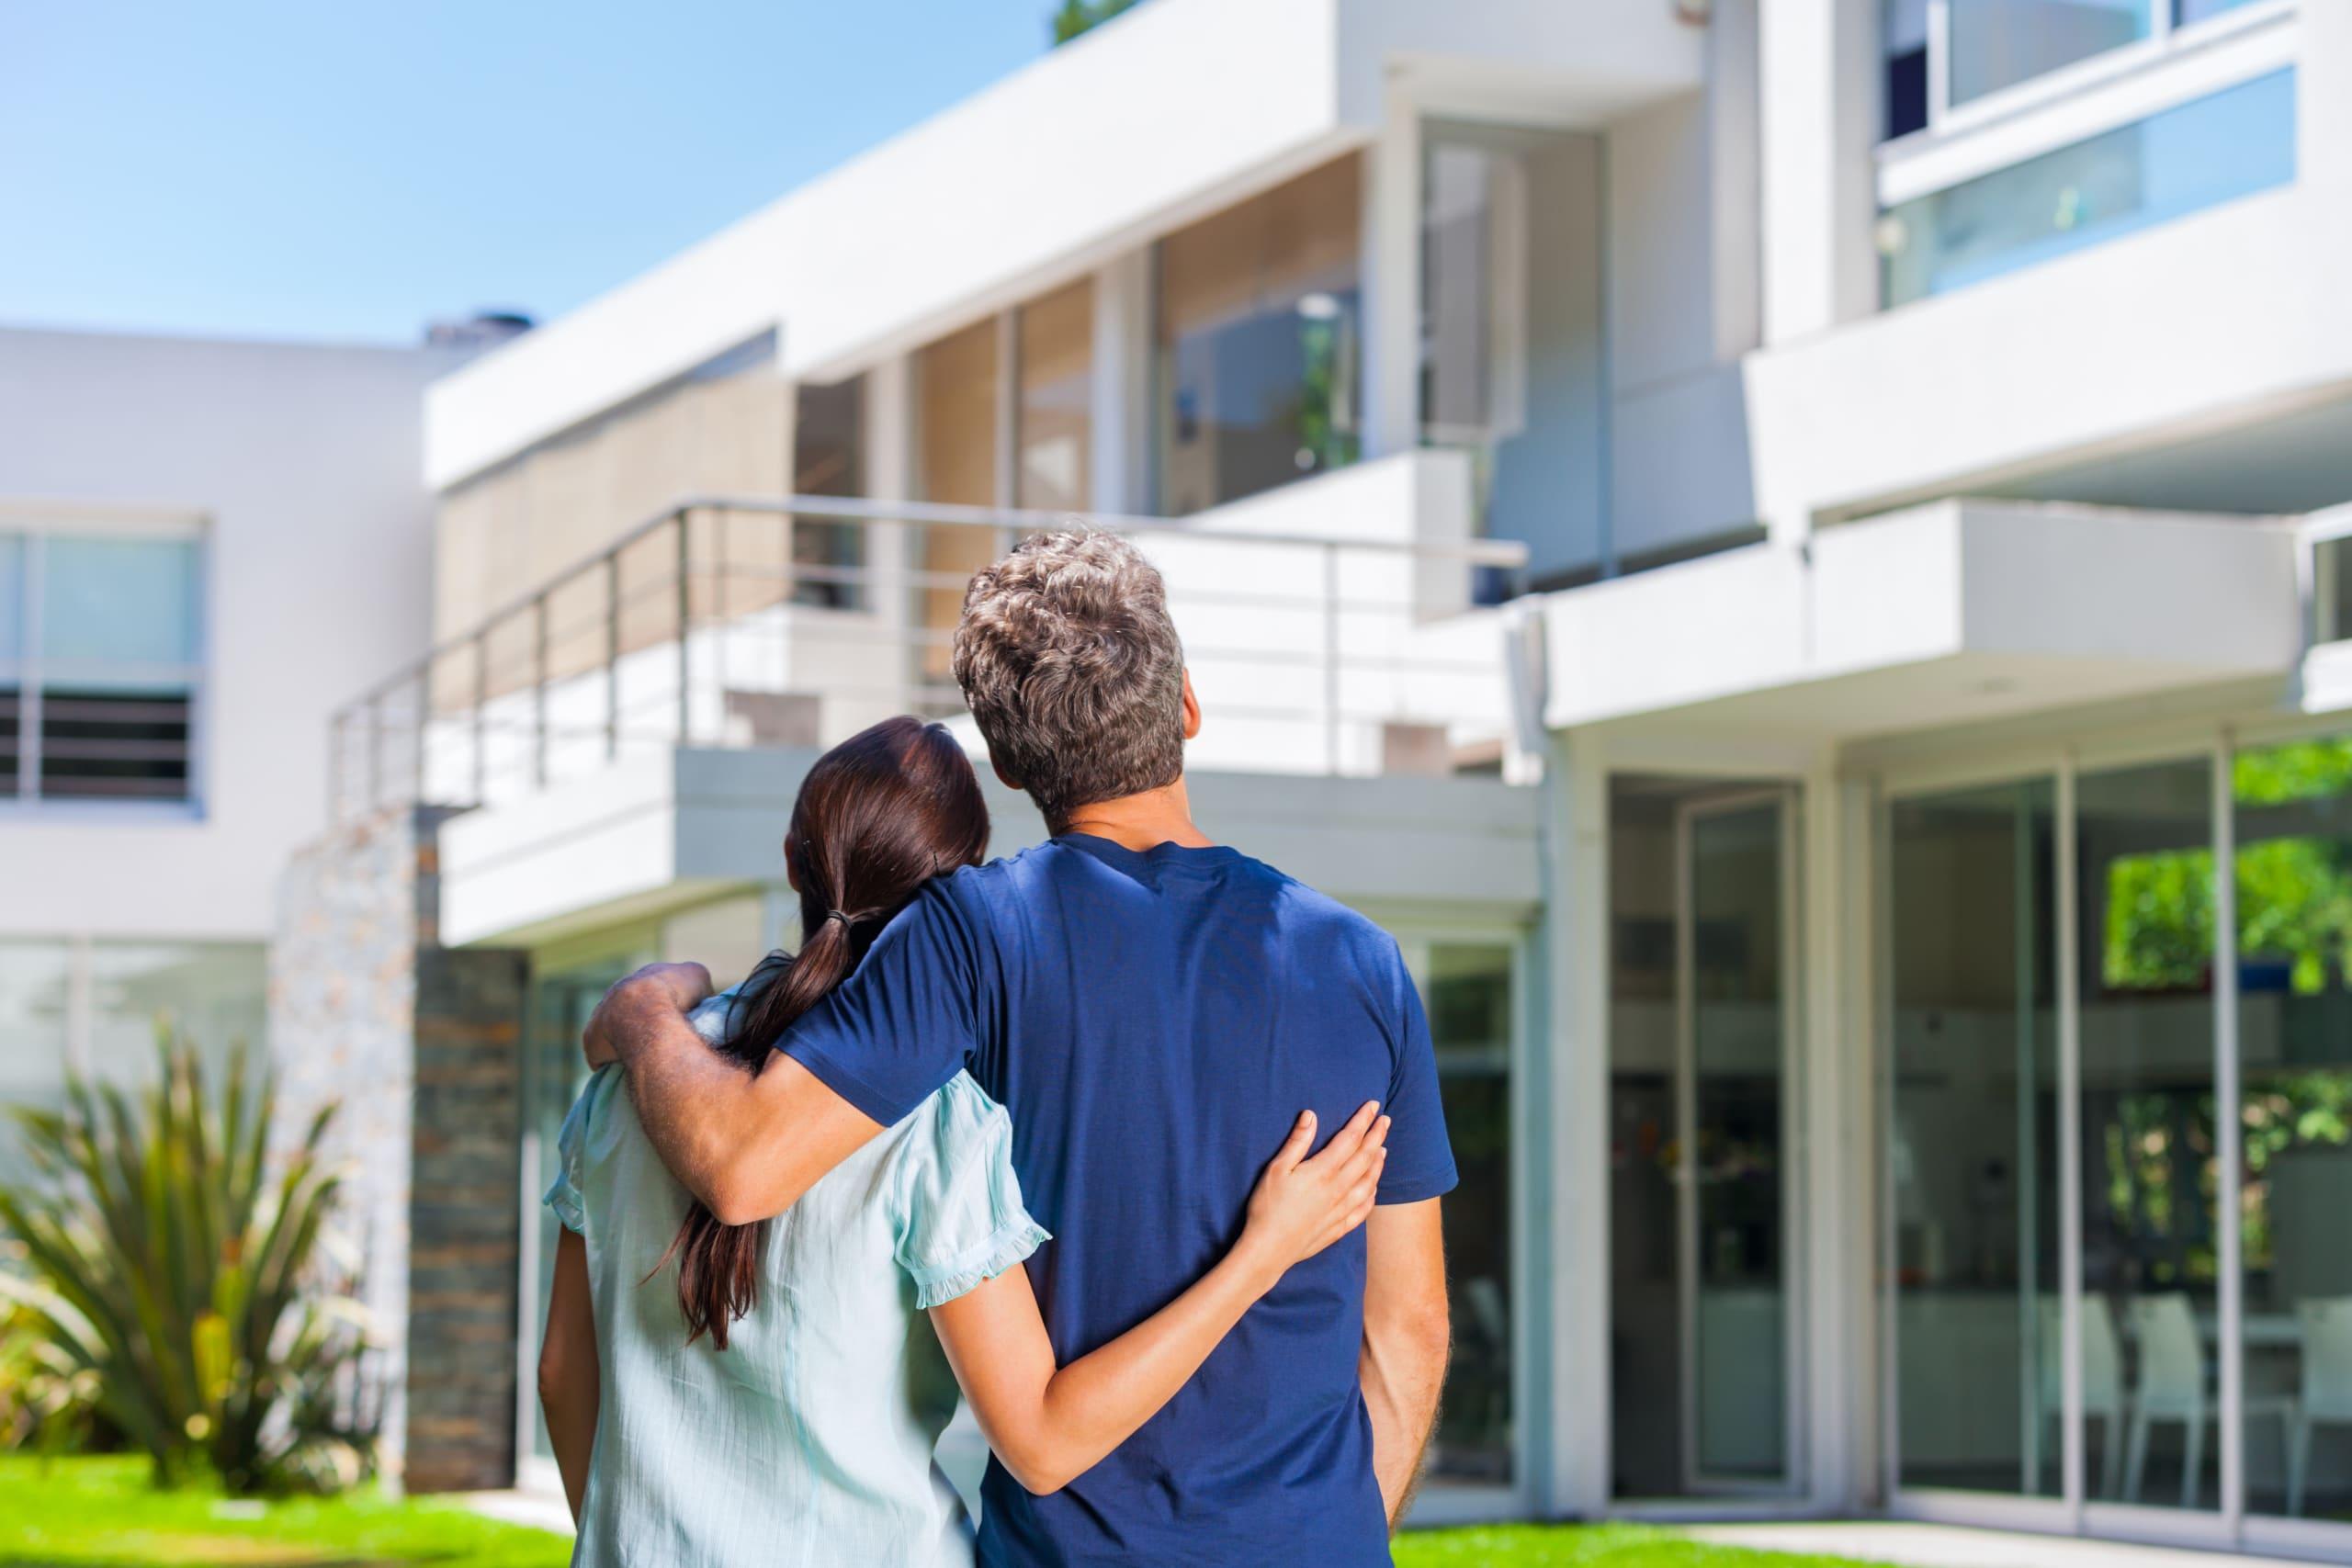 Comprar casa en EEUU: Tasas de interés al domingo 28 de marzo